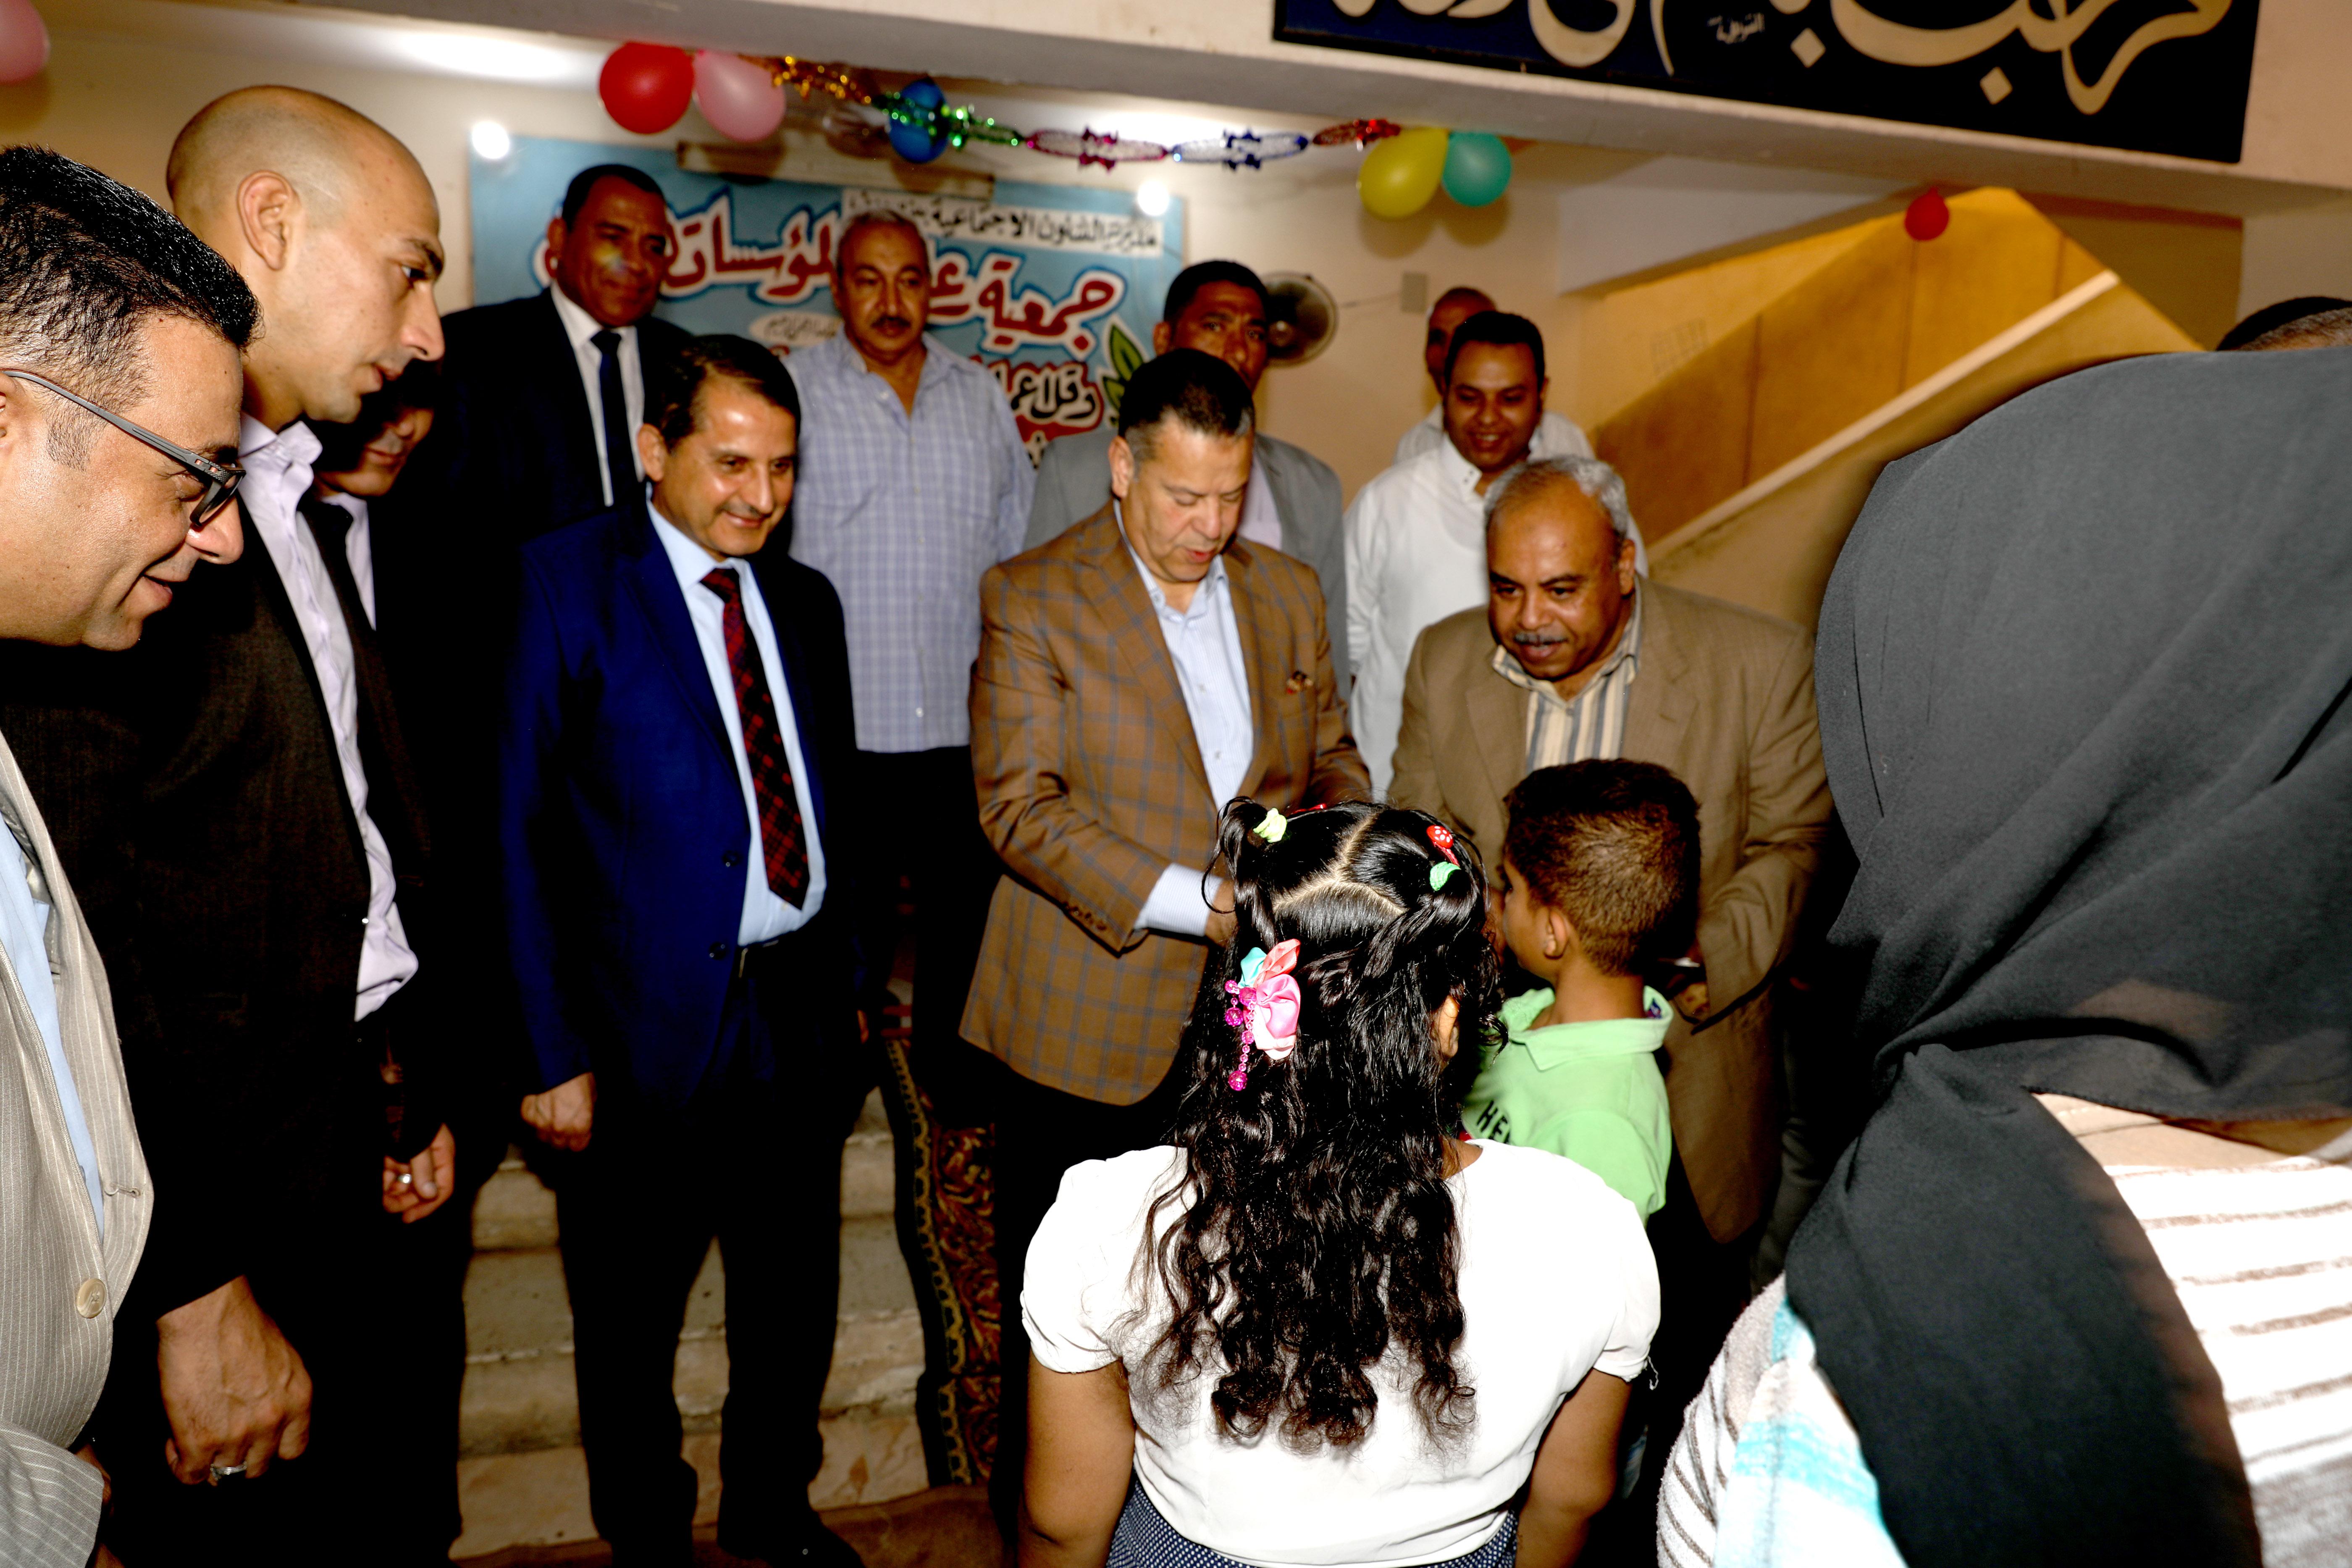 محافظ بنى سويف يقدم الهدايا للأطفال الأيتام ويزور المسنين فى عيد الأضحى (7)